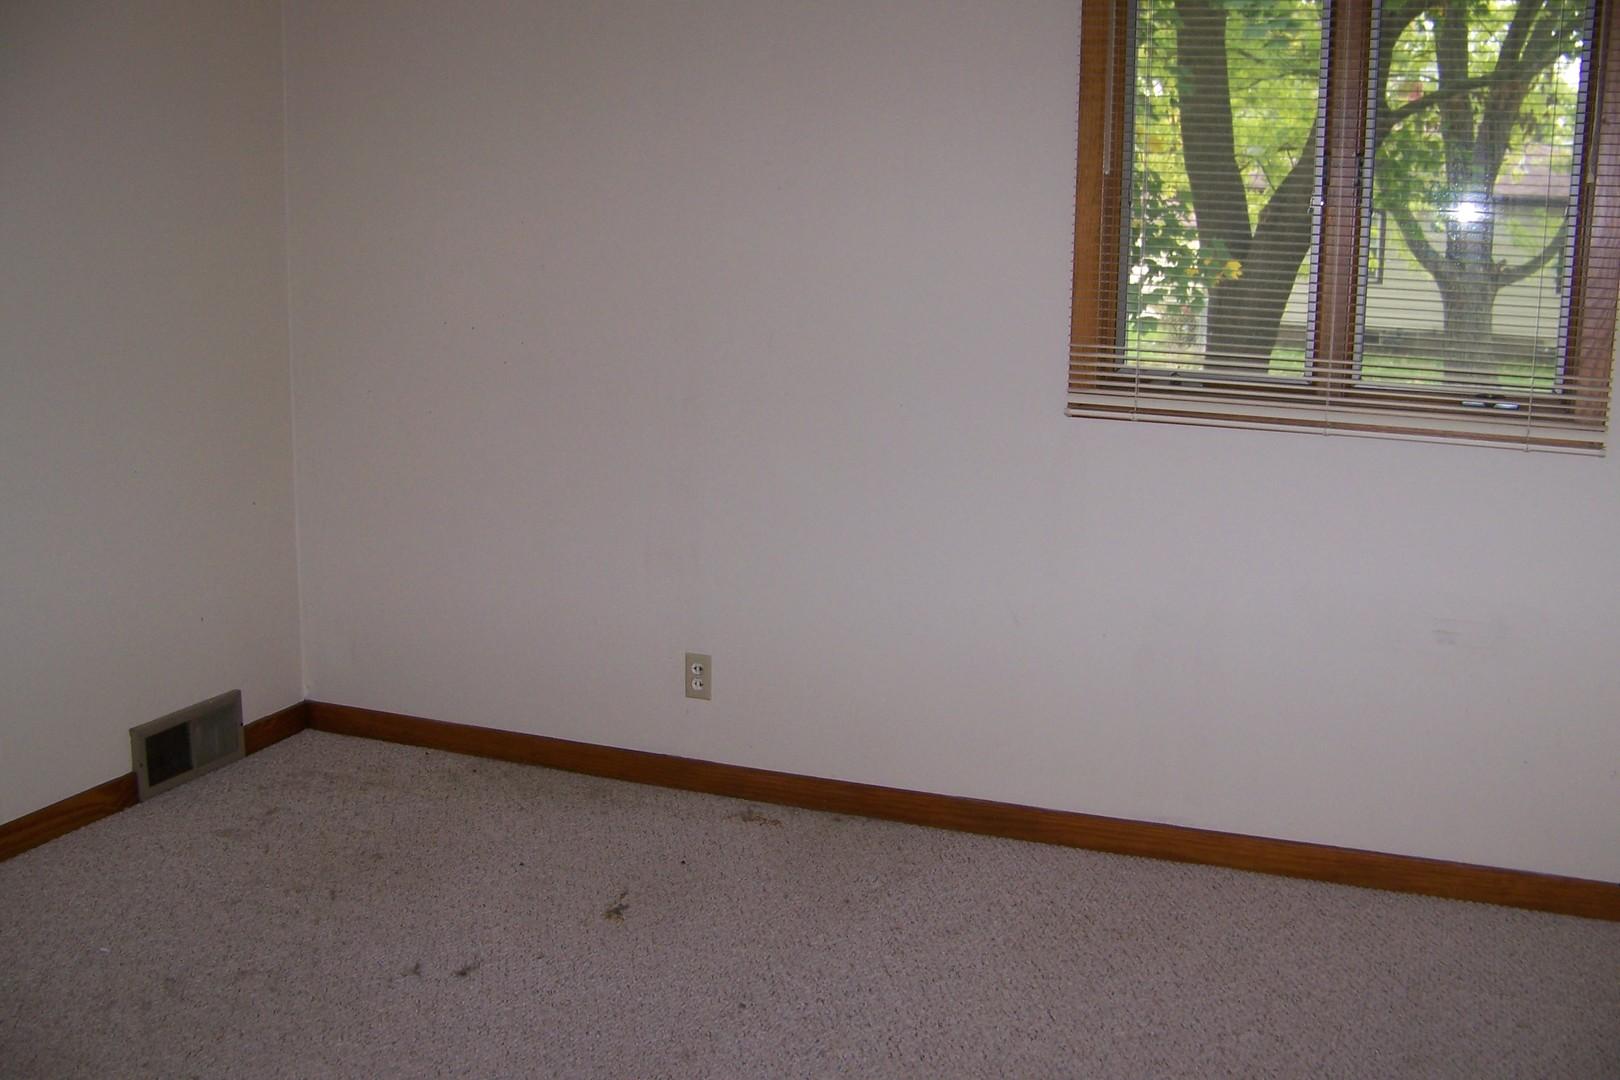 501 Beech ,Forrest, Illinois 61741